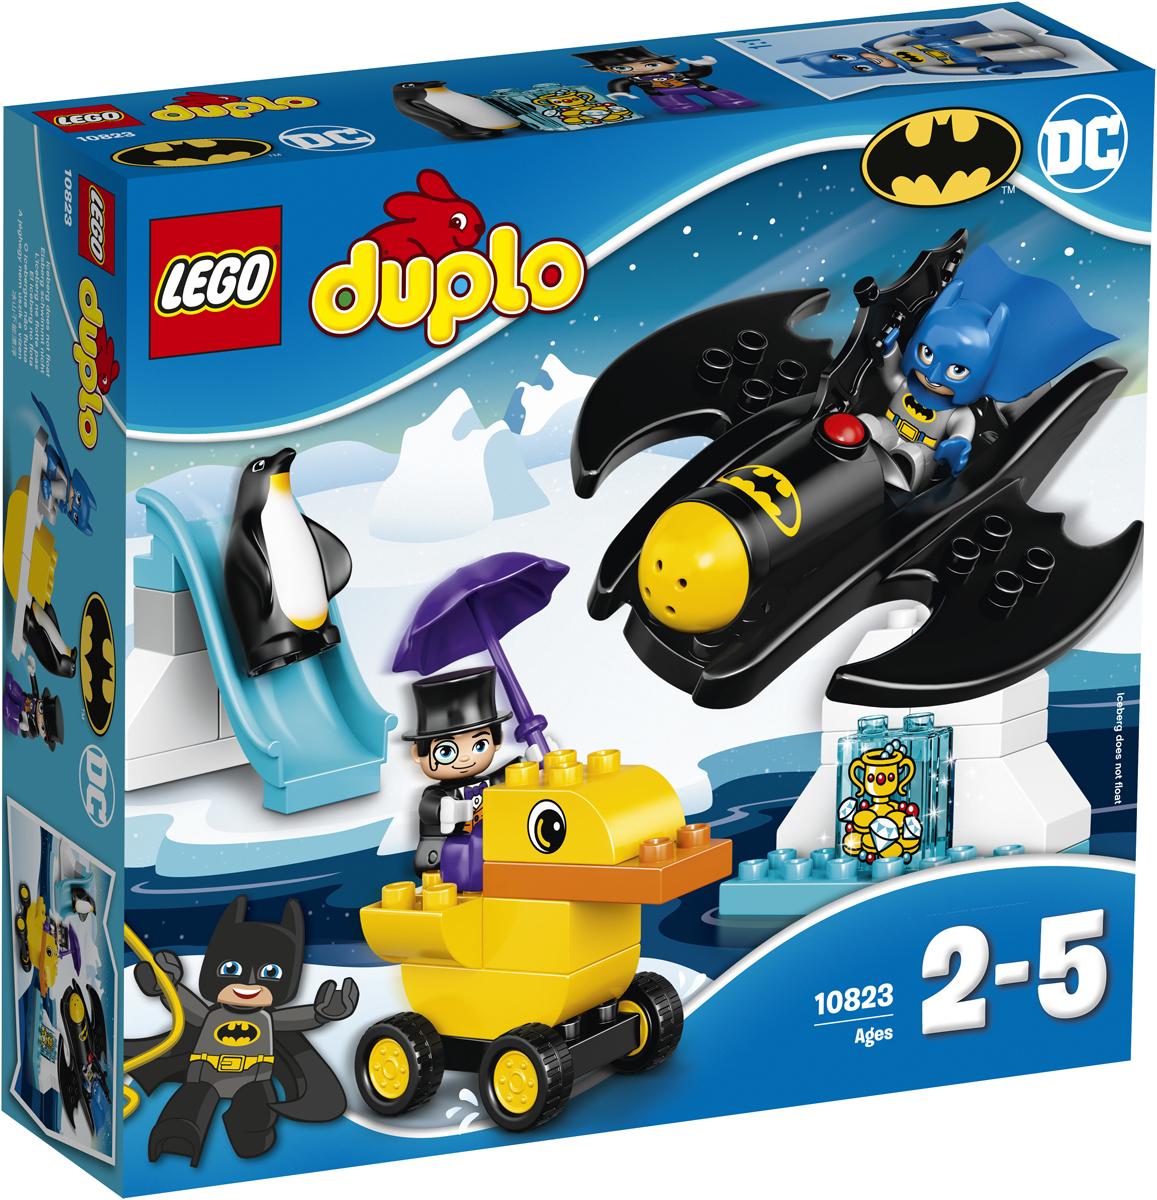 LEGO DUPLO Конструктор Приключения на Бэтмолете 10823